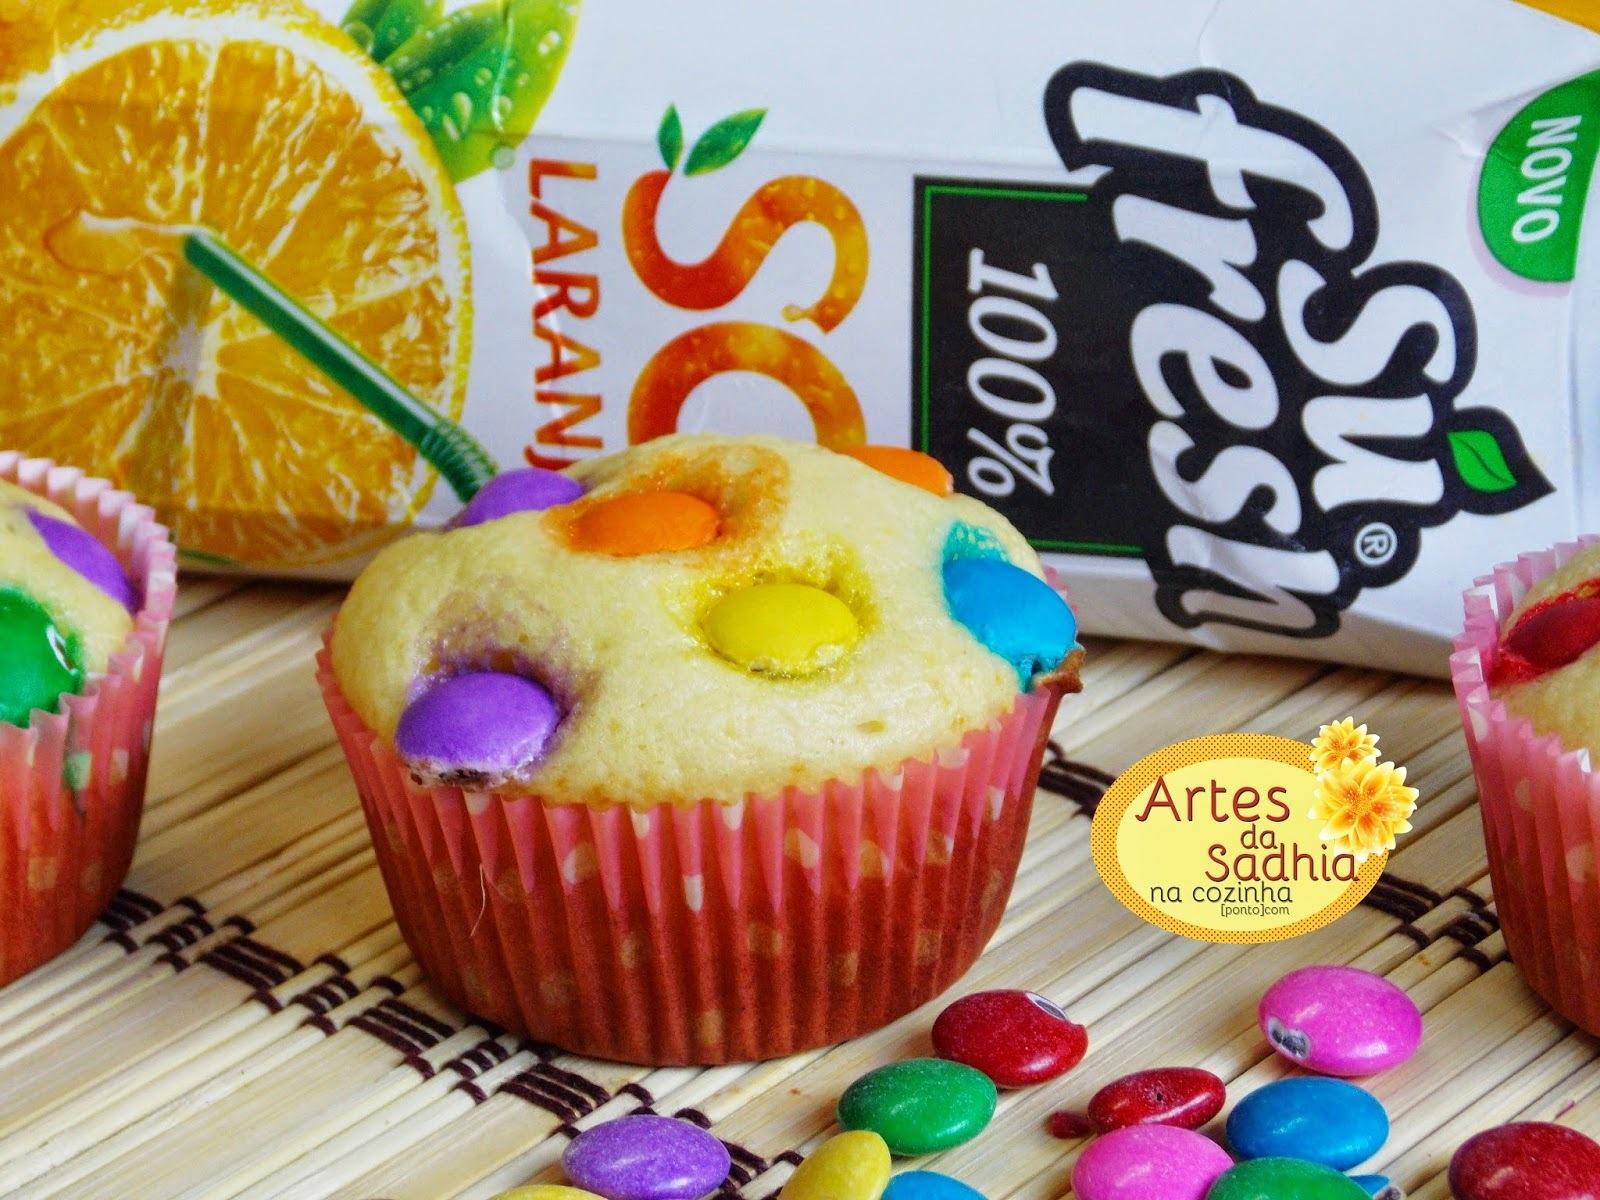 Cupcake de laranja com  confeitos de chocolate